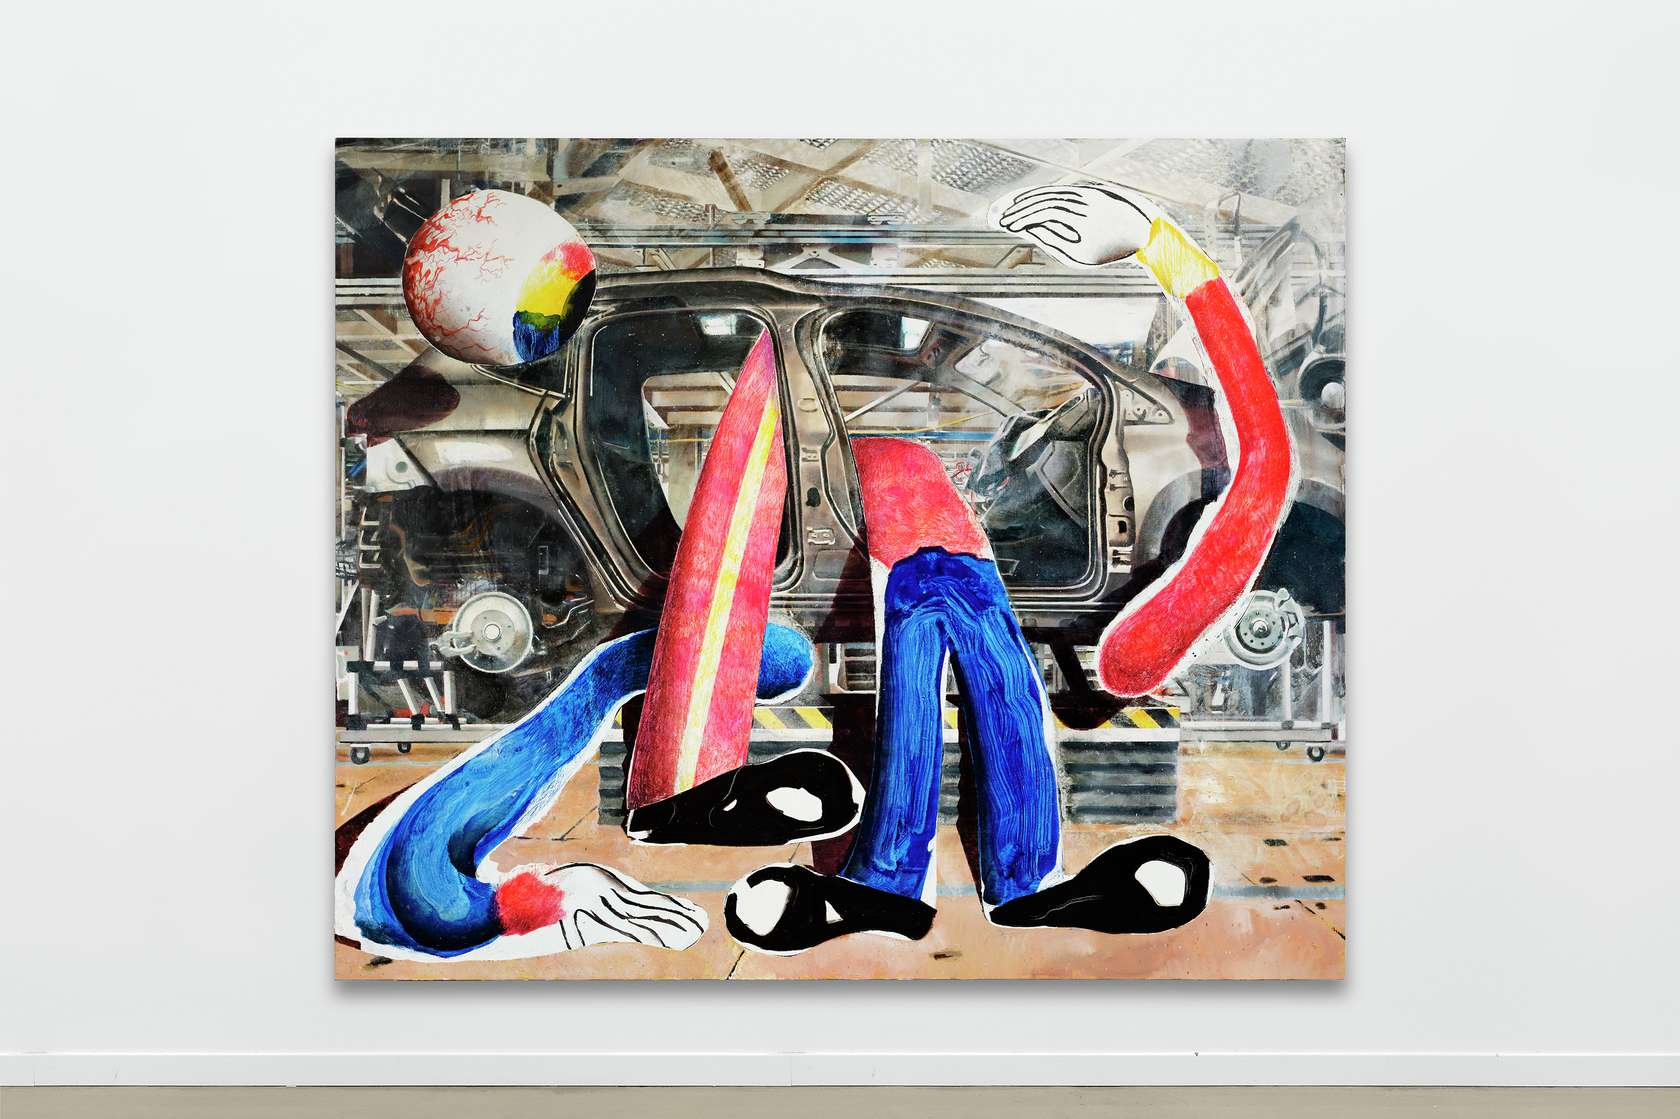 Laurent Proux, Les opérateurs, 2018 Huile sur toile240 x 200cm / 94 1/2 x 78 6/8inches